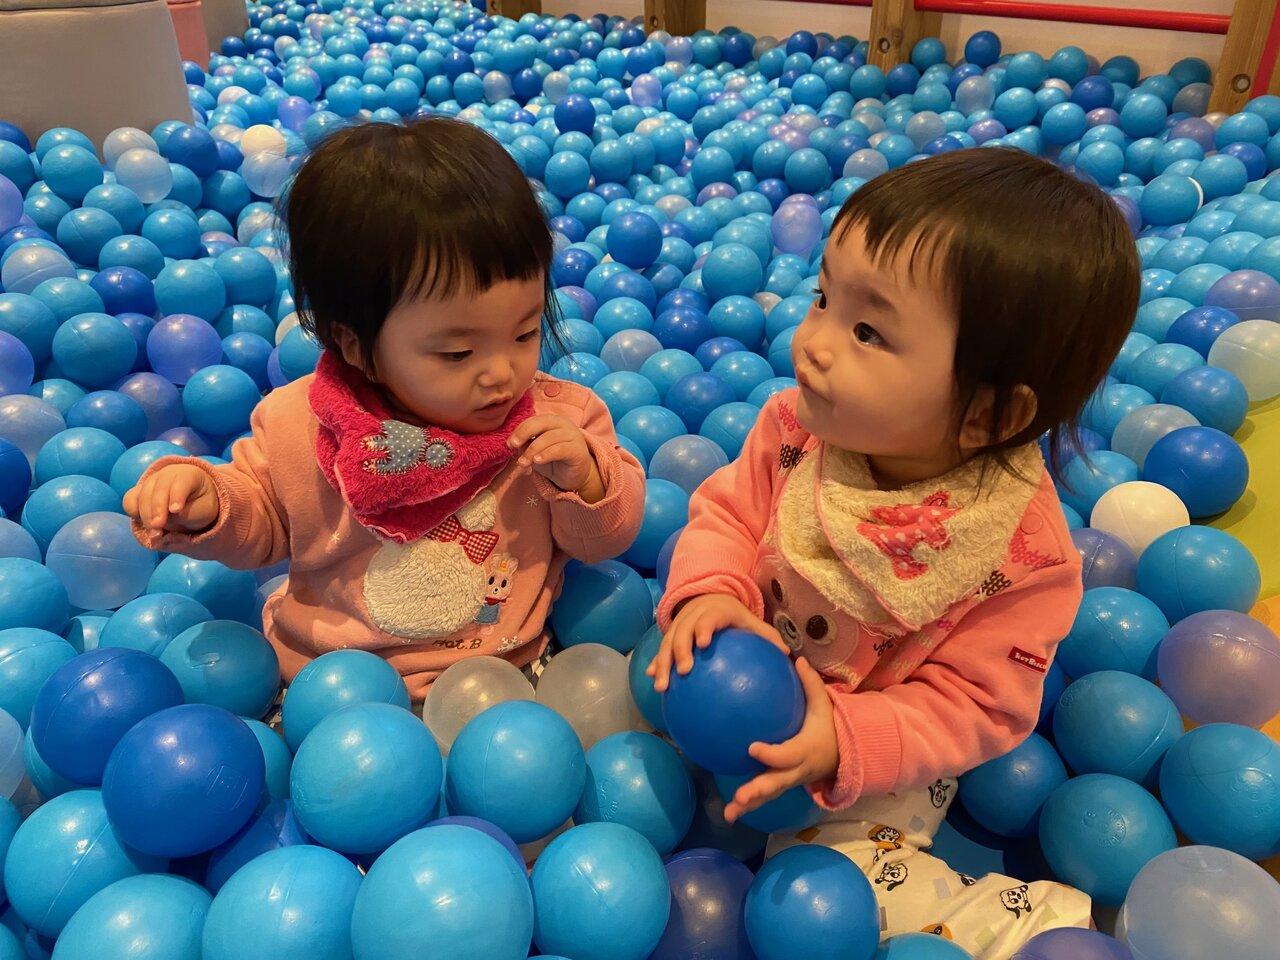 """成長とともに仲間意識が生まれてくるのか、2人だけの言葉で会話し、笑いながら遊ぶ姿が見られる。これは多胎育児ならではの楽しみ。  <small class=""""font-small"""">写真:松倉和華子</small>"""